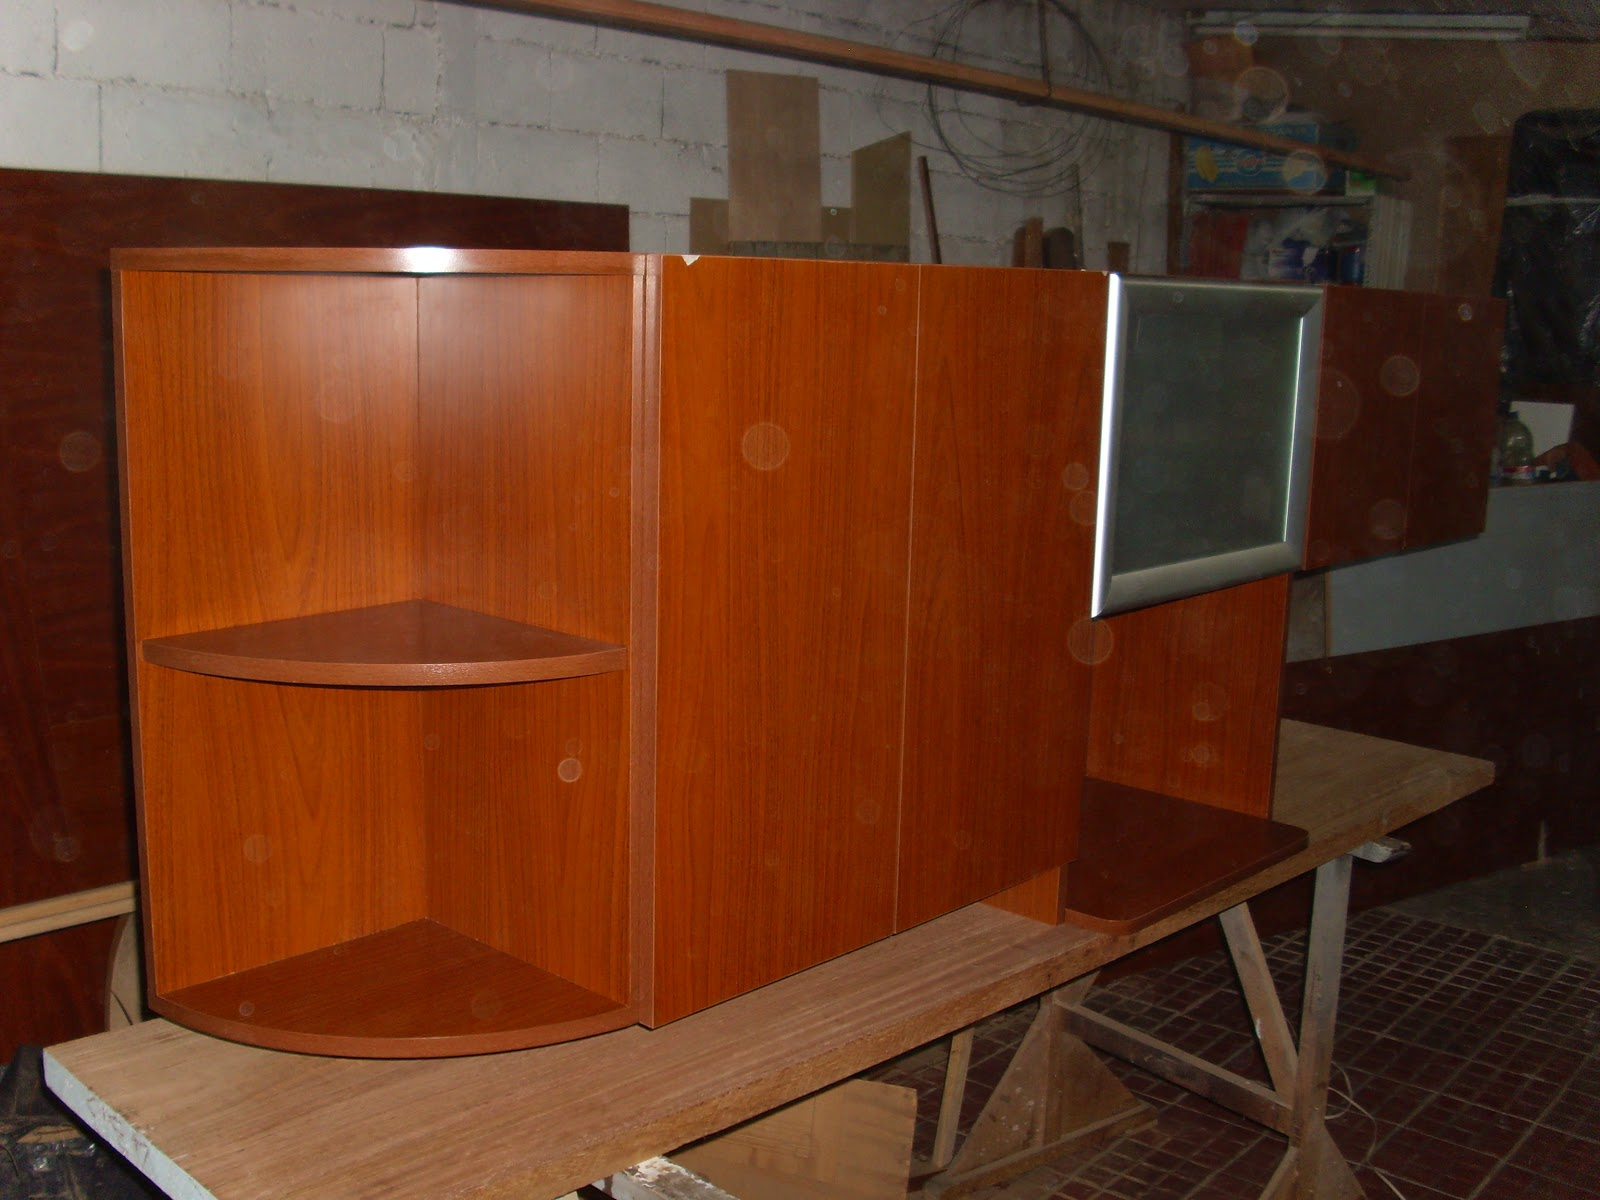 mueble aéreo confeccionado en melamínico color cedro mdf con puerta